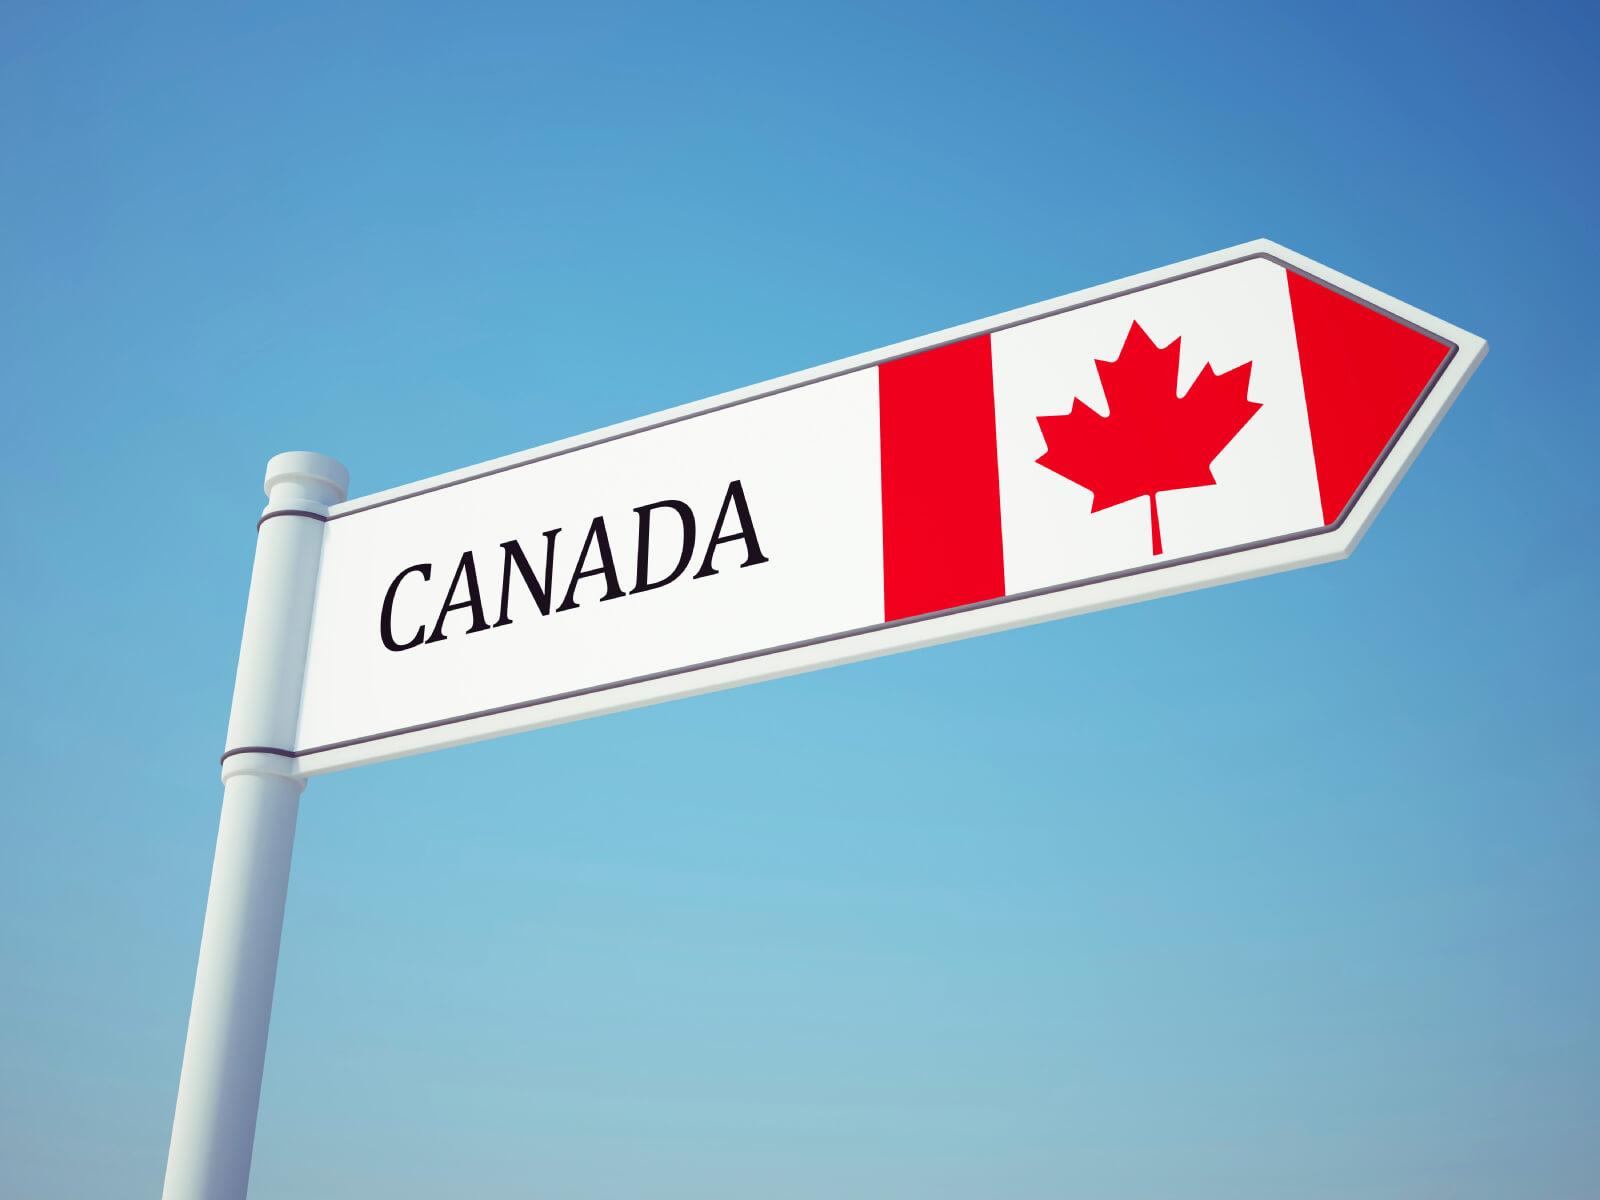 Hồ sơ và quy trình xin visa Canada đi du lịch tự túc